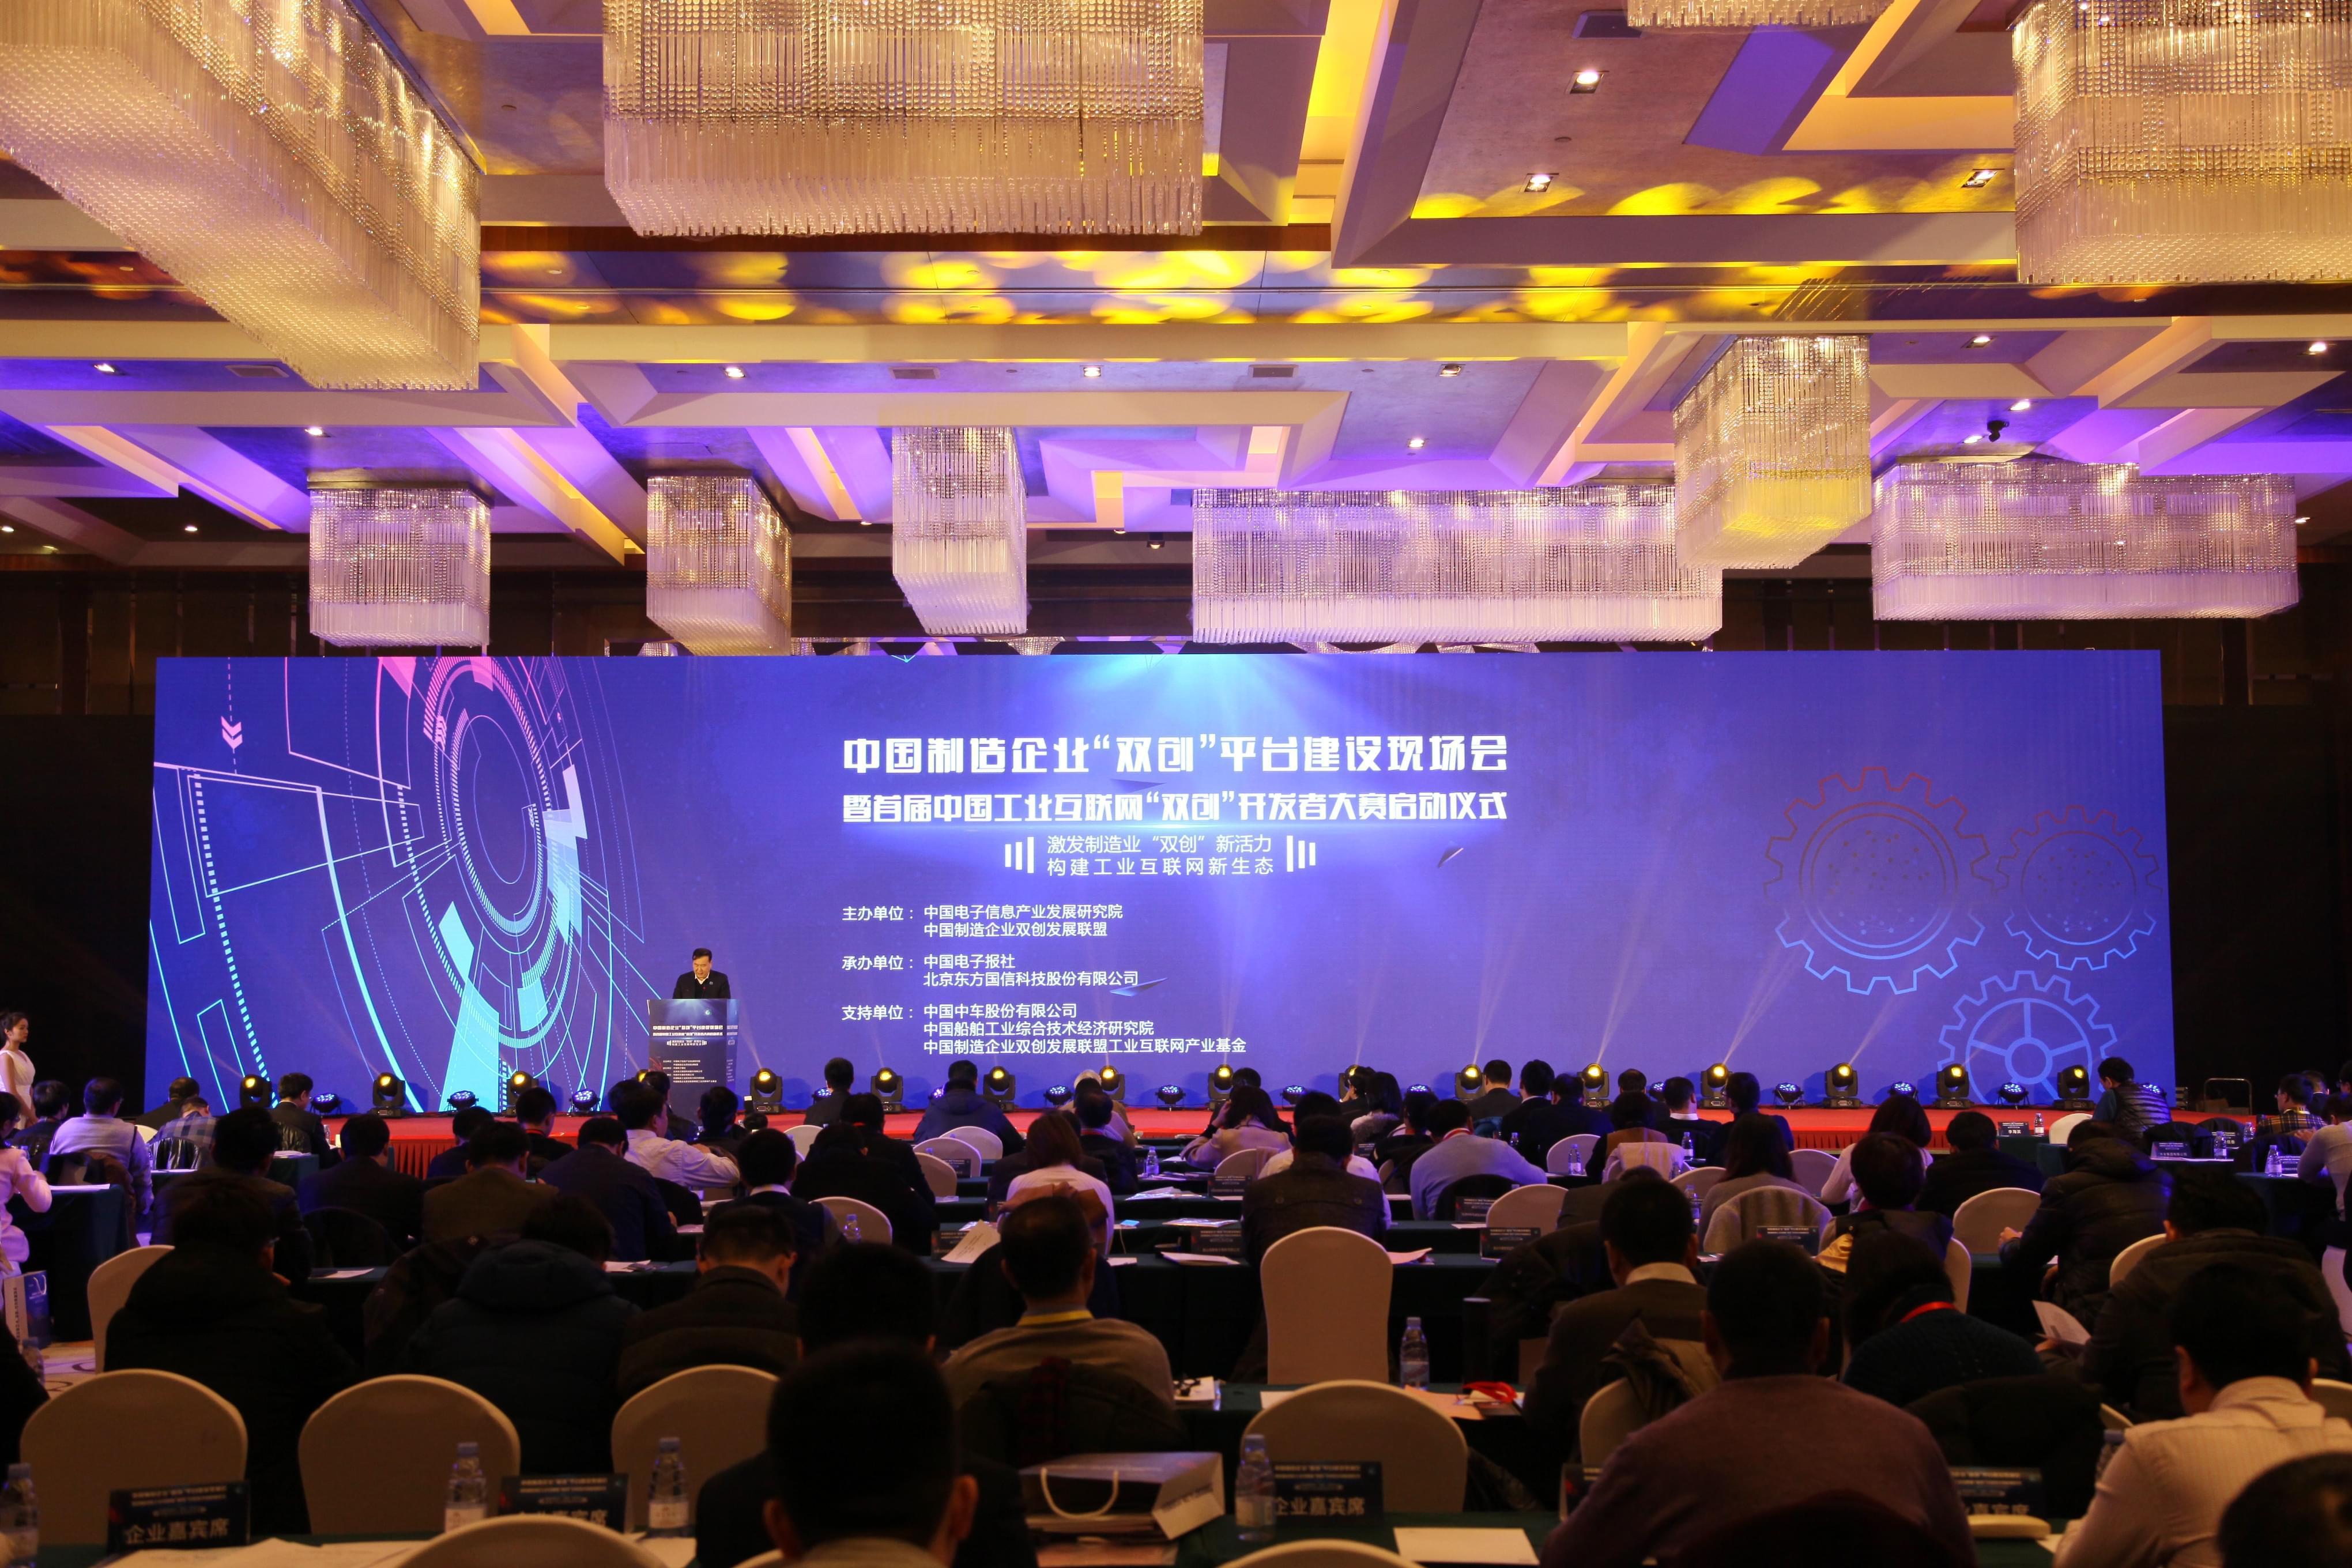 东方国信发布工业互联网平台Cloudiip